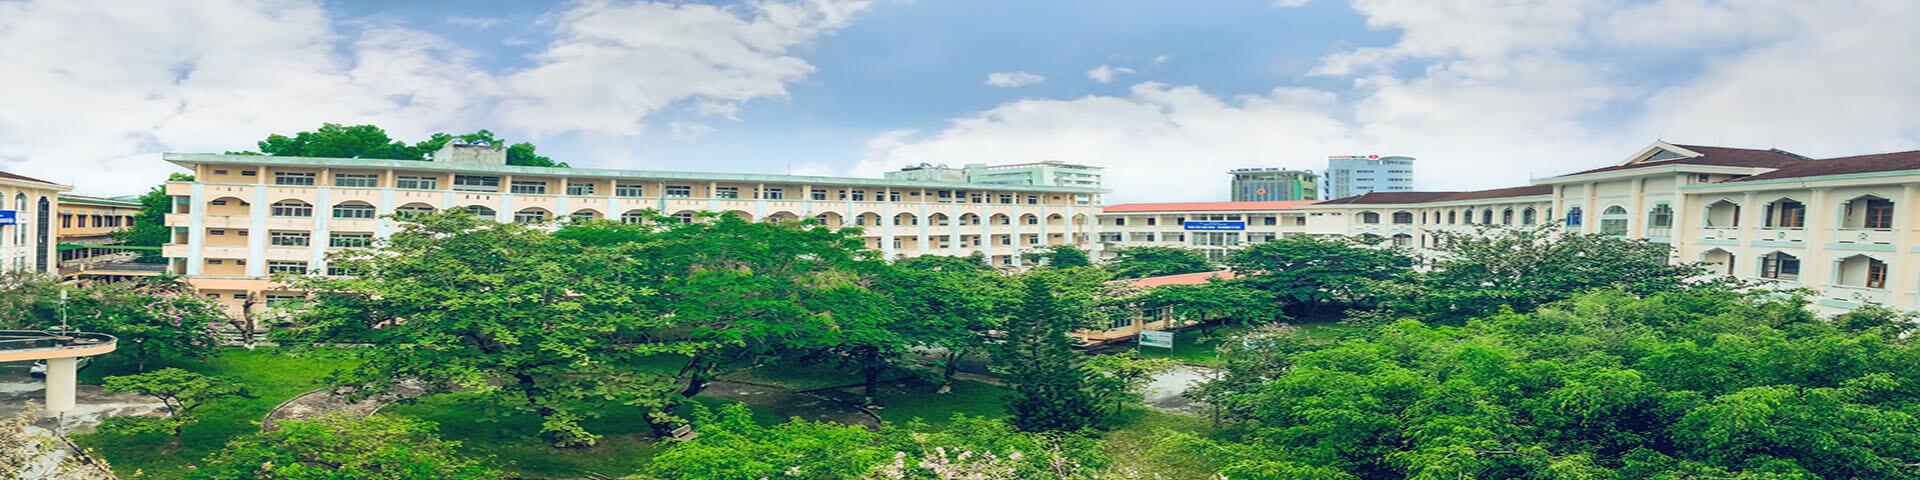 Top các trường đại học ở Huế - Đại học Khoa học Huế